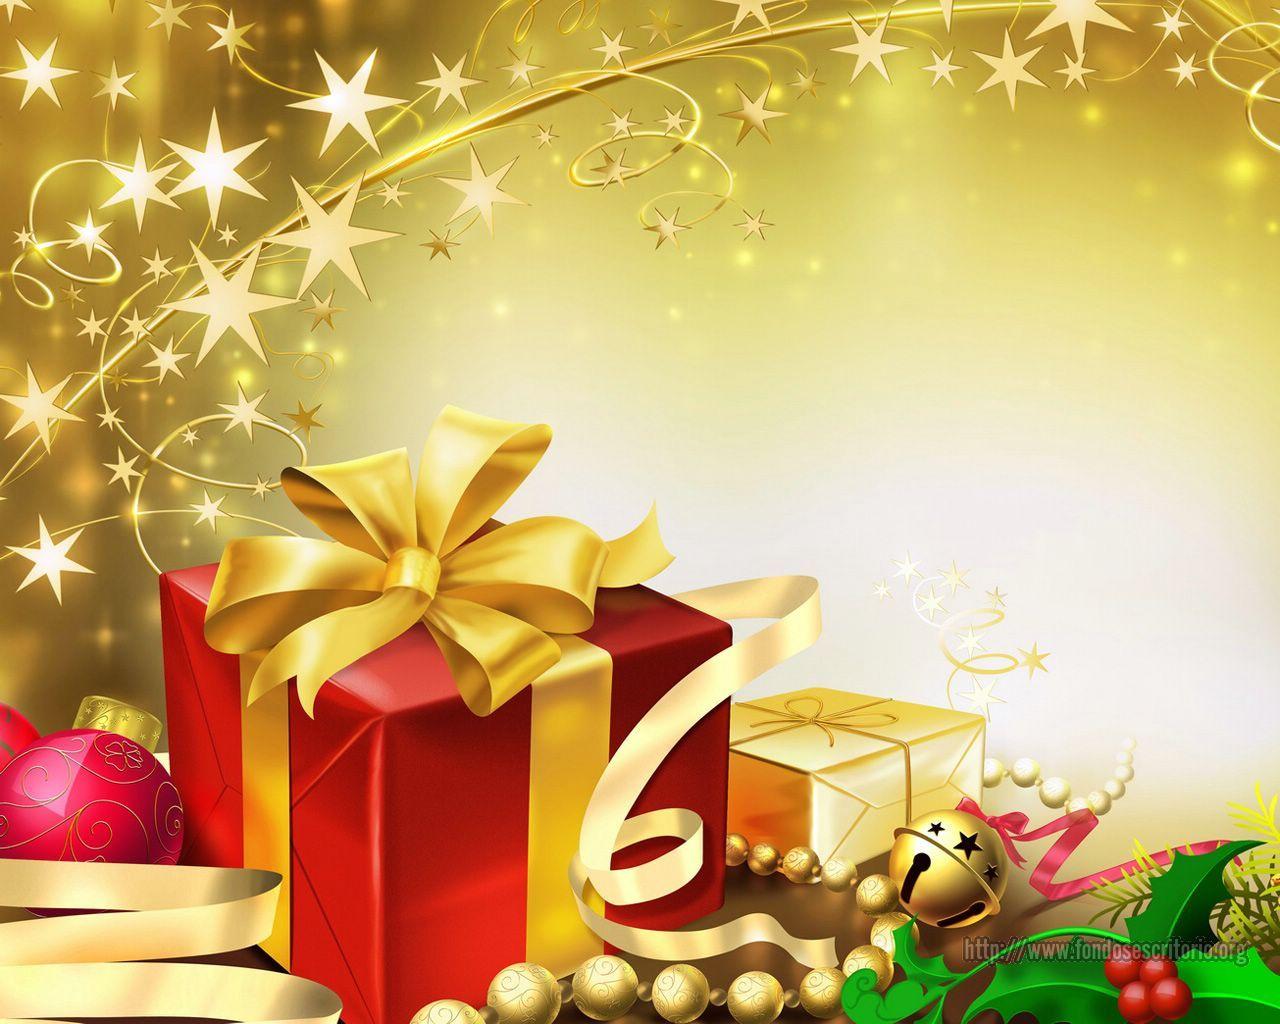 Fondos De Pantalla De Navidad Buscar Con Google Imagenes De Navidad Gratis Planta De Navidad Tarjetas De Navidad Para Imprimir